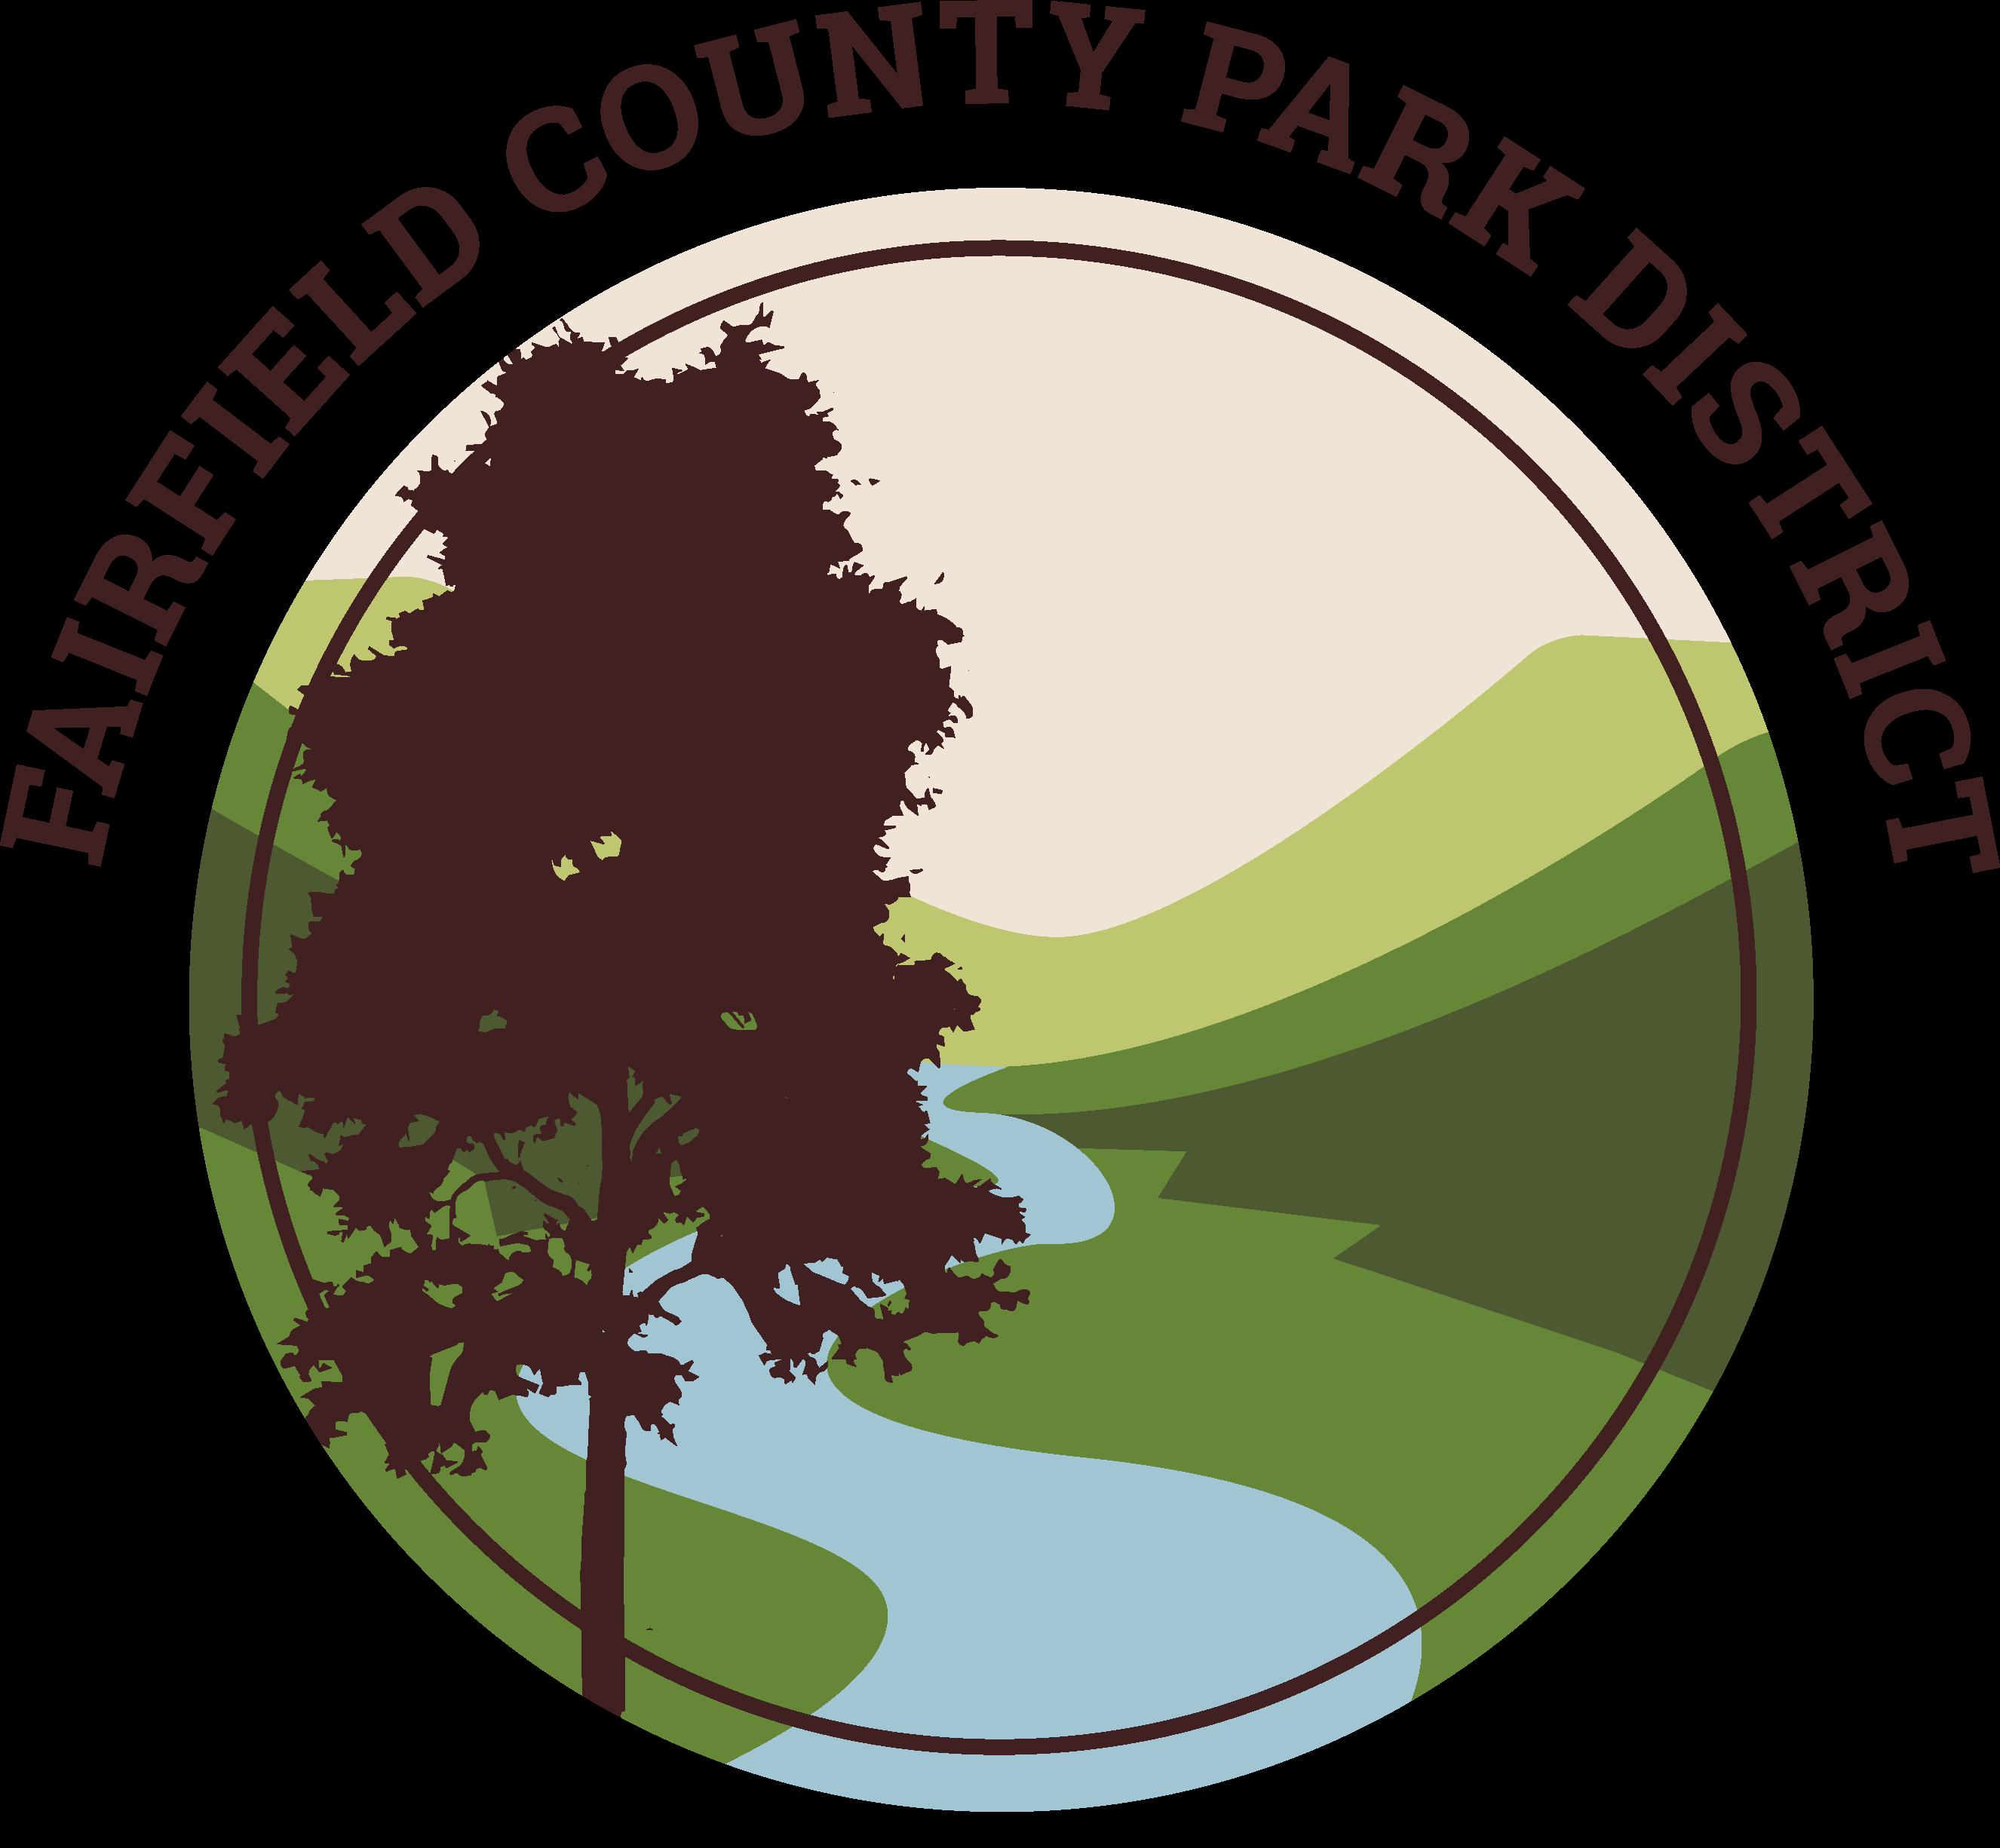 Fairfield County Parks